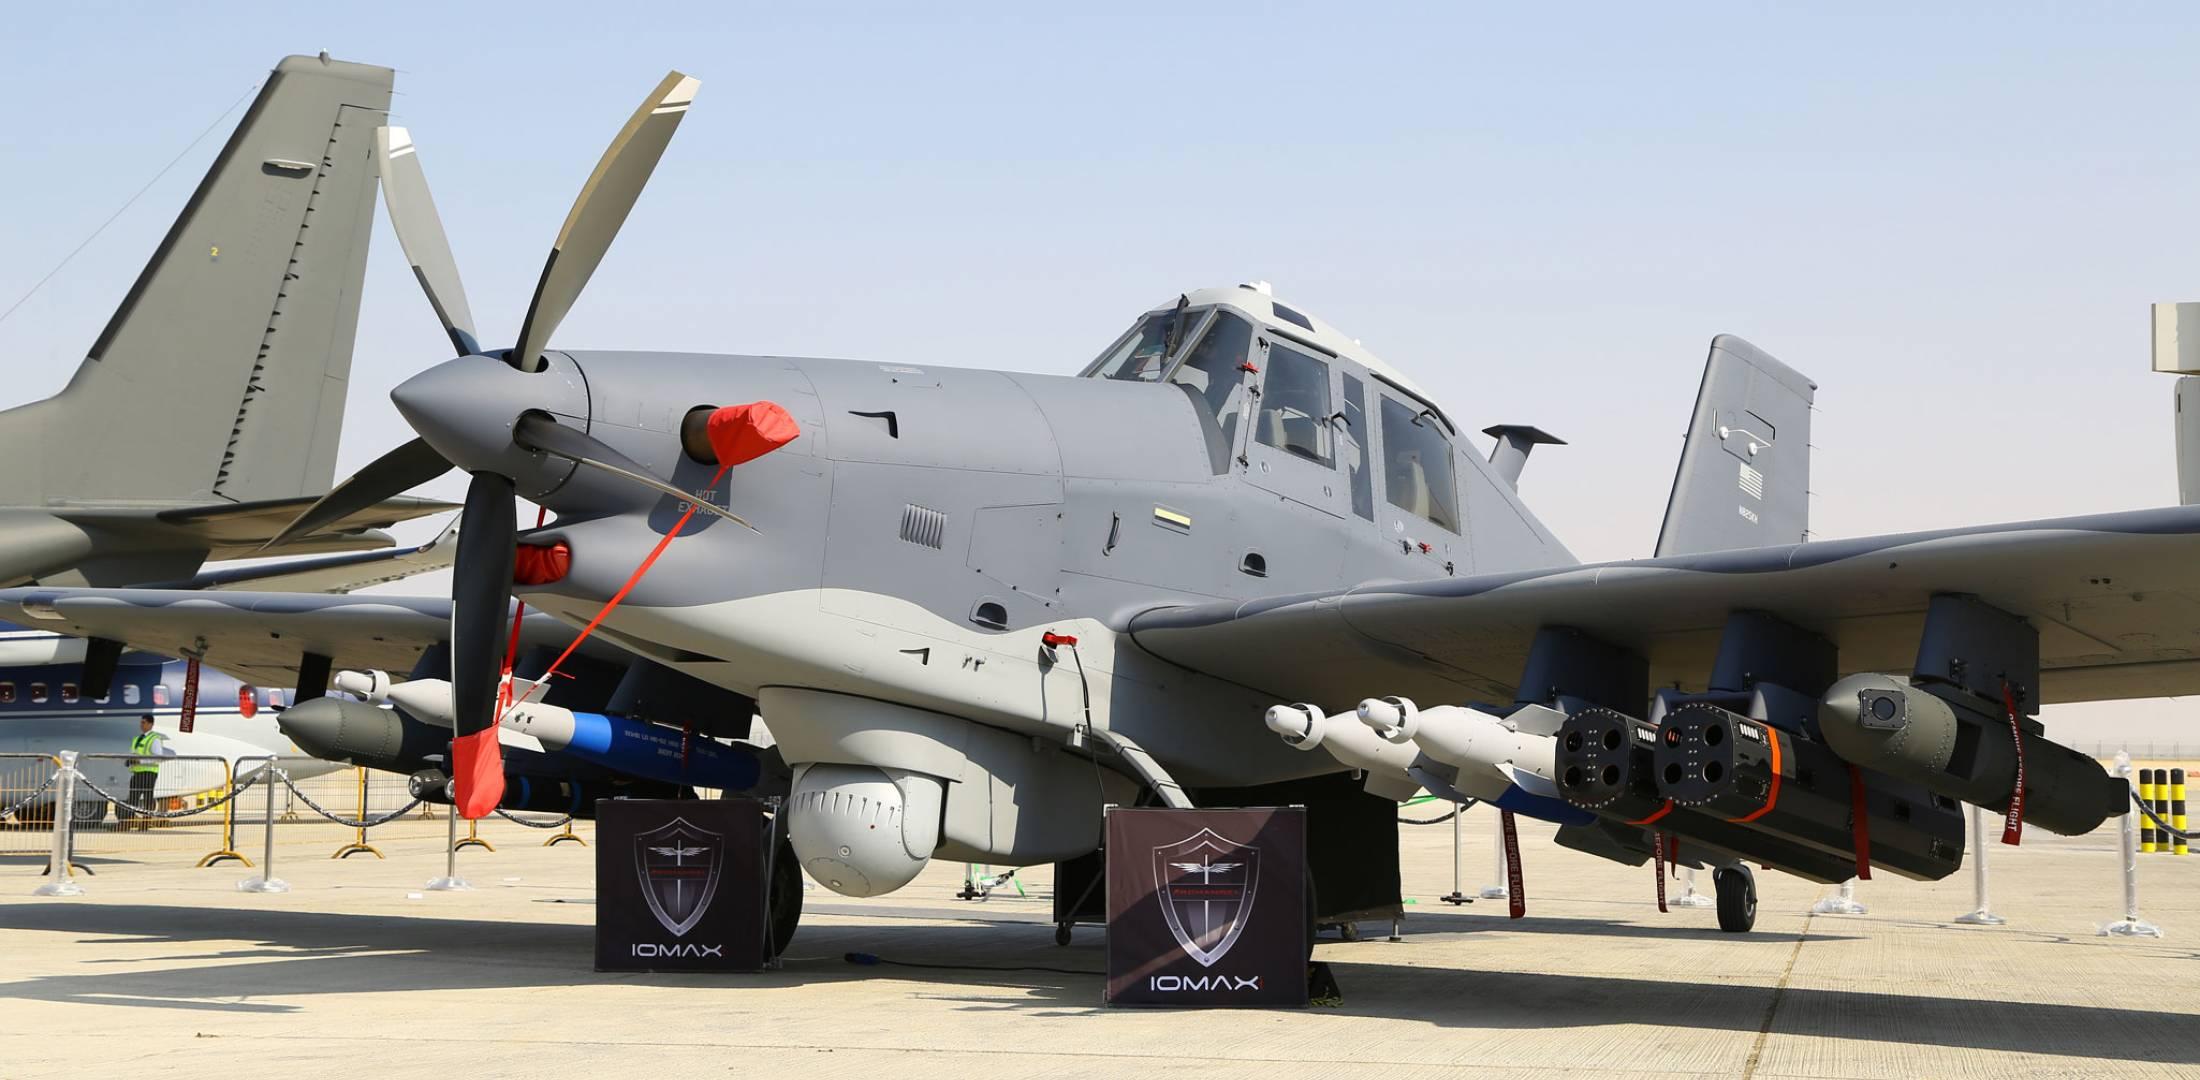 Лёгкие турбовинтовые самолёты военного и прочего иного предназначения